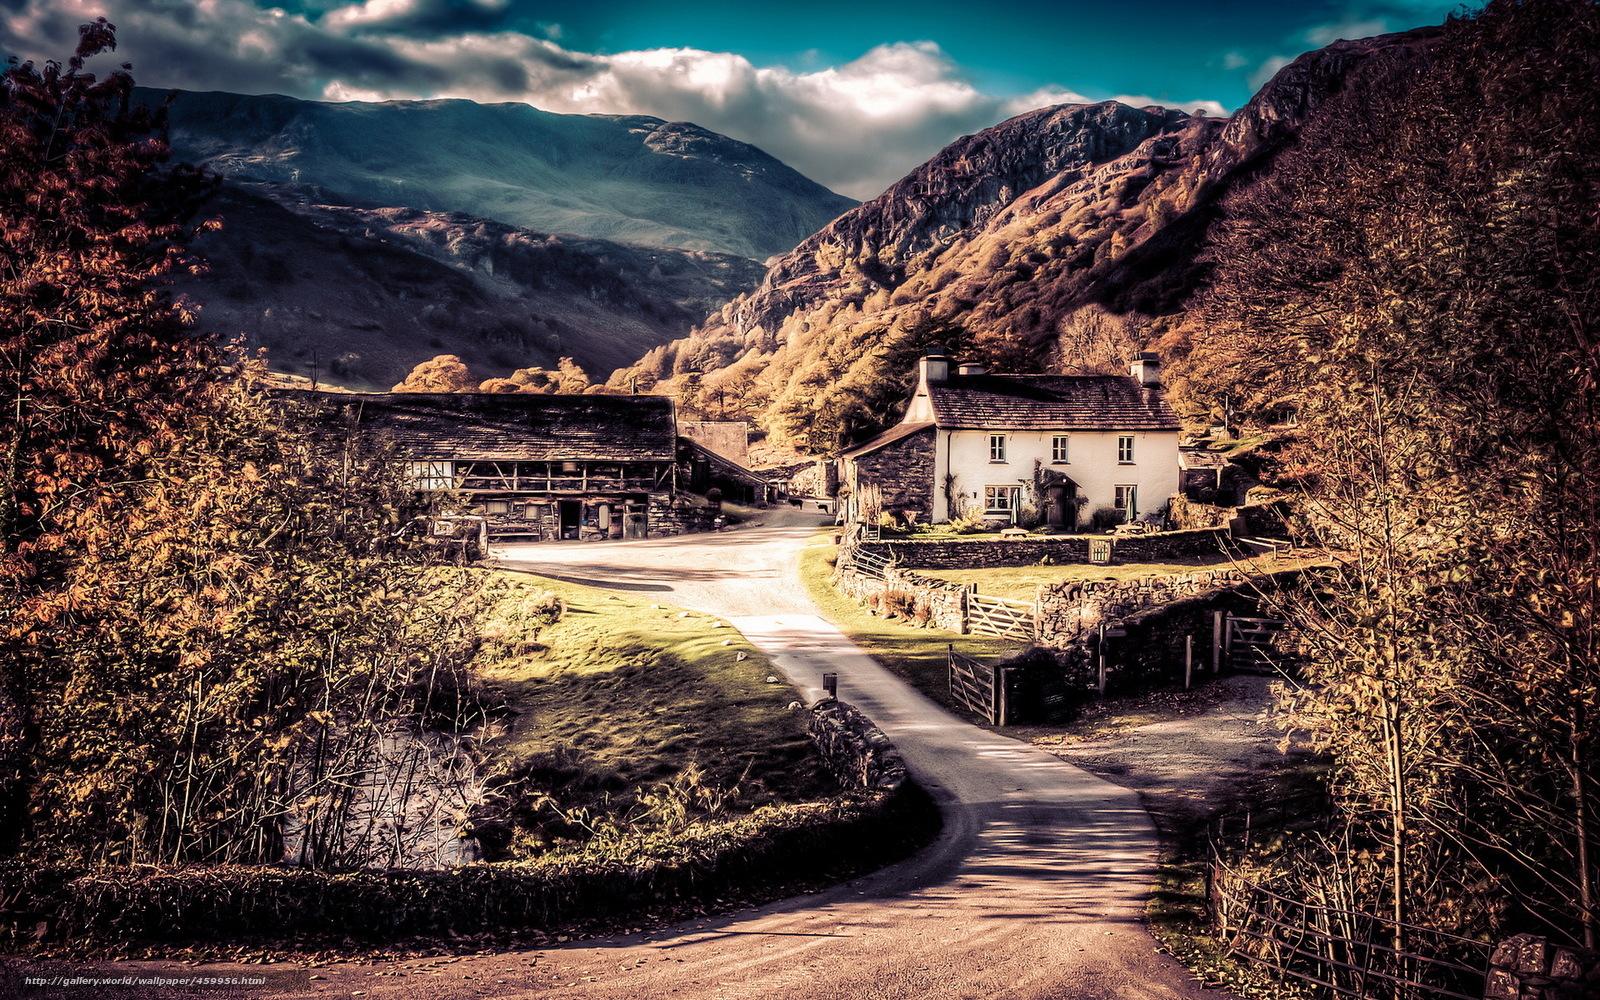 Scaricare gli sfondi montagne casa cantiere paesaggio for Casa del cantiere